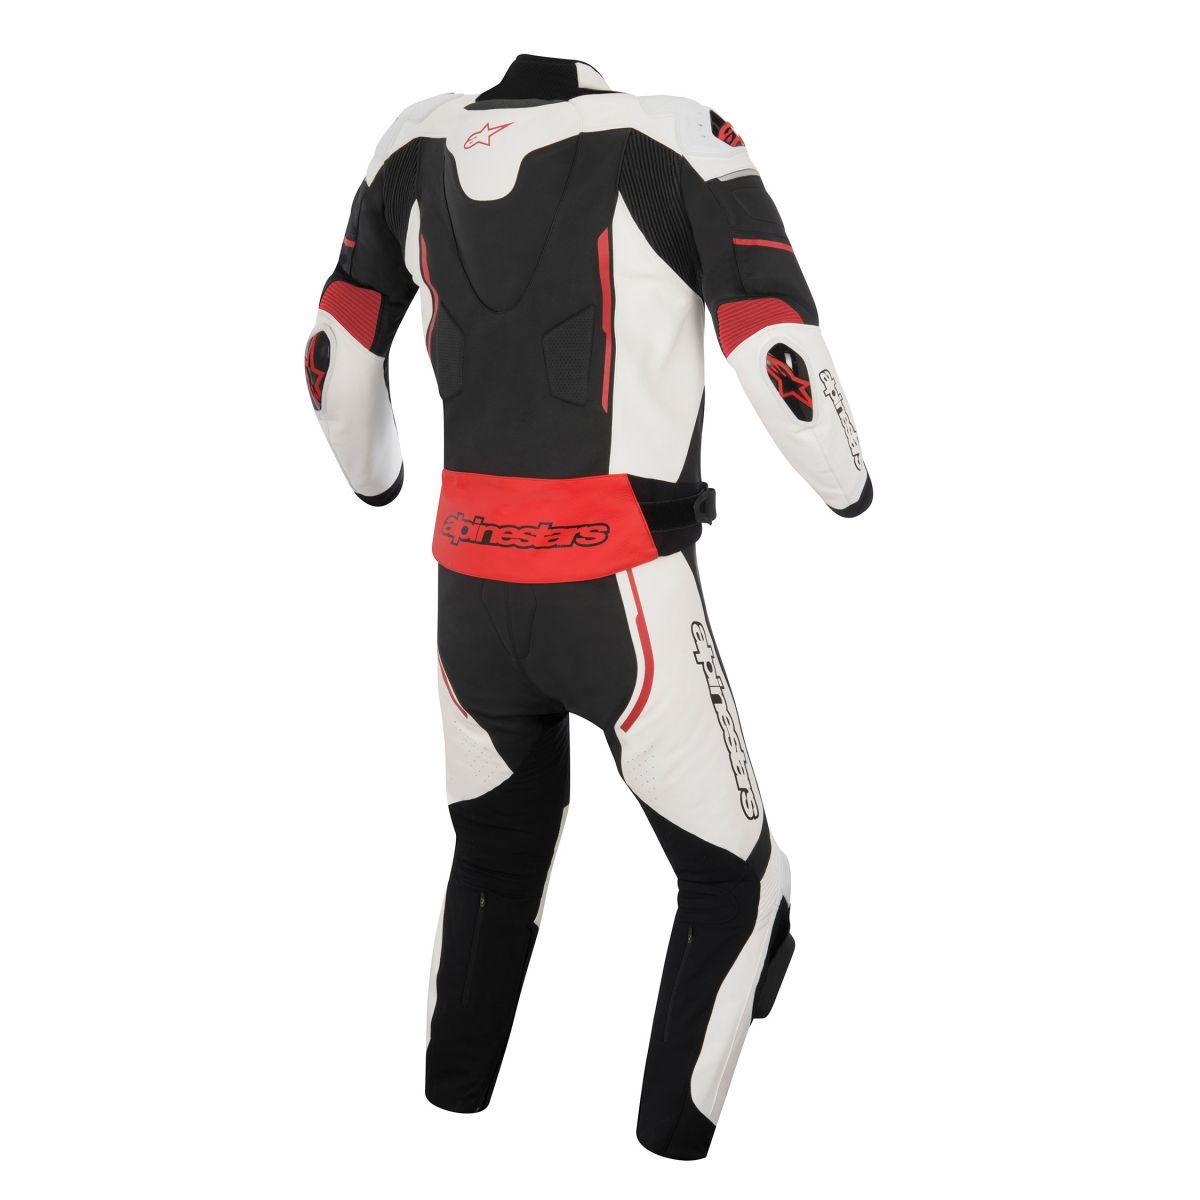 Macacão Alpinestars Atem Combi 2 pçs (Black/red/white)  - Nova Suzuki Motos e Acessórios